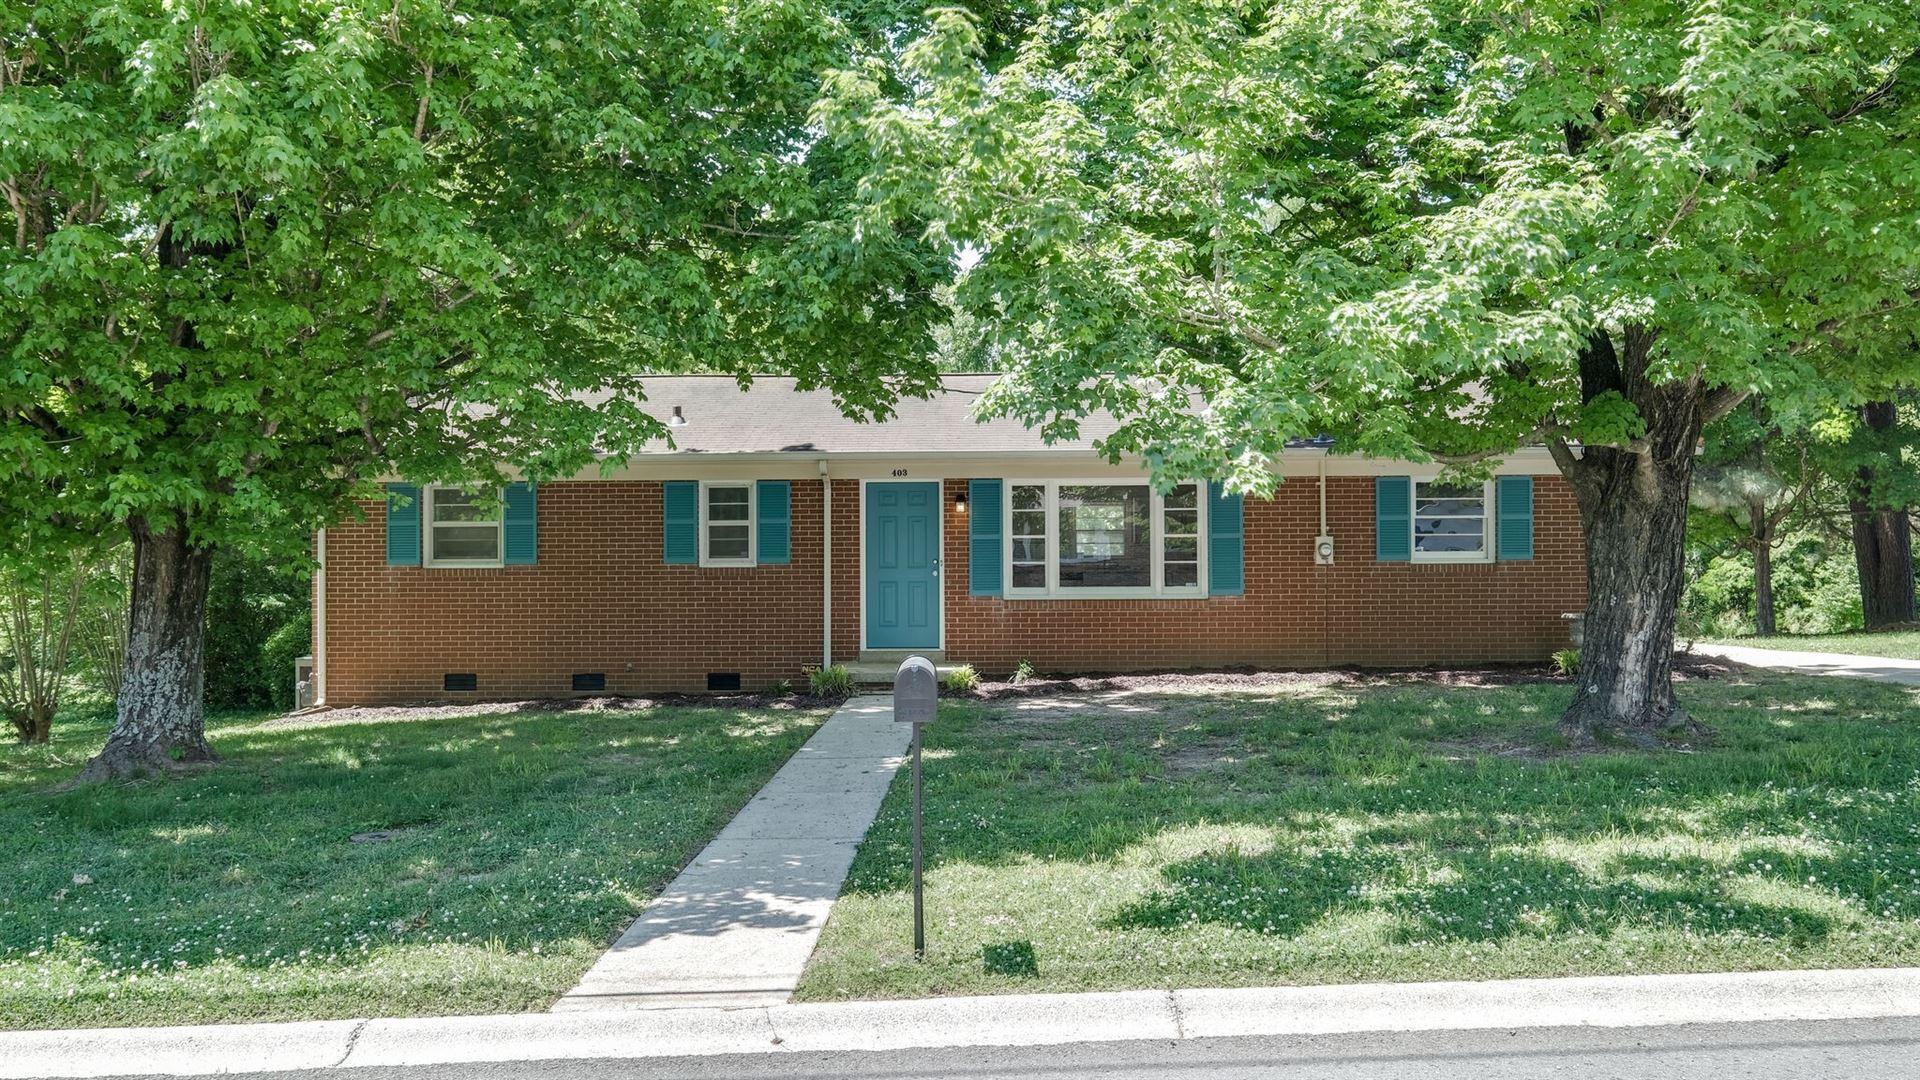 403 Shoma Dr, Shelbyville, TN 37160 - MLS#: 2254410